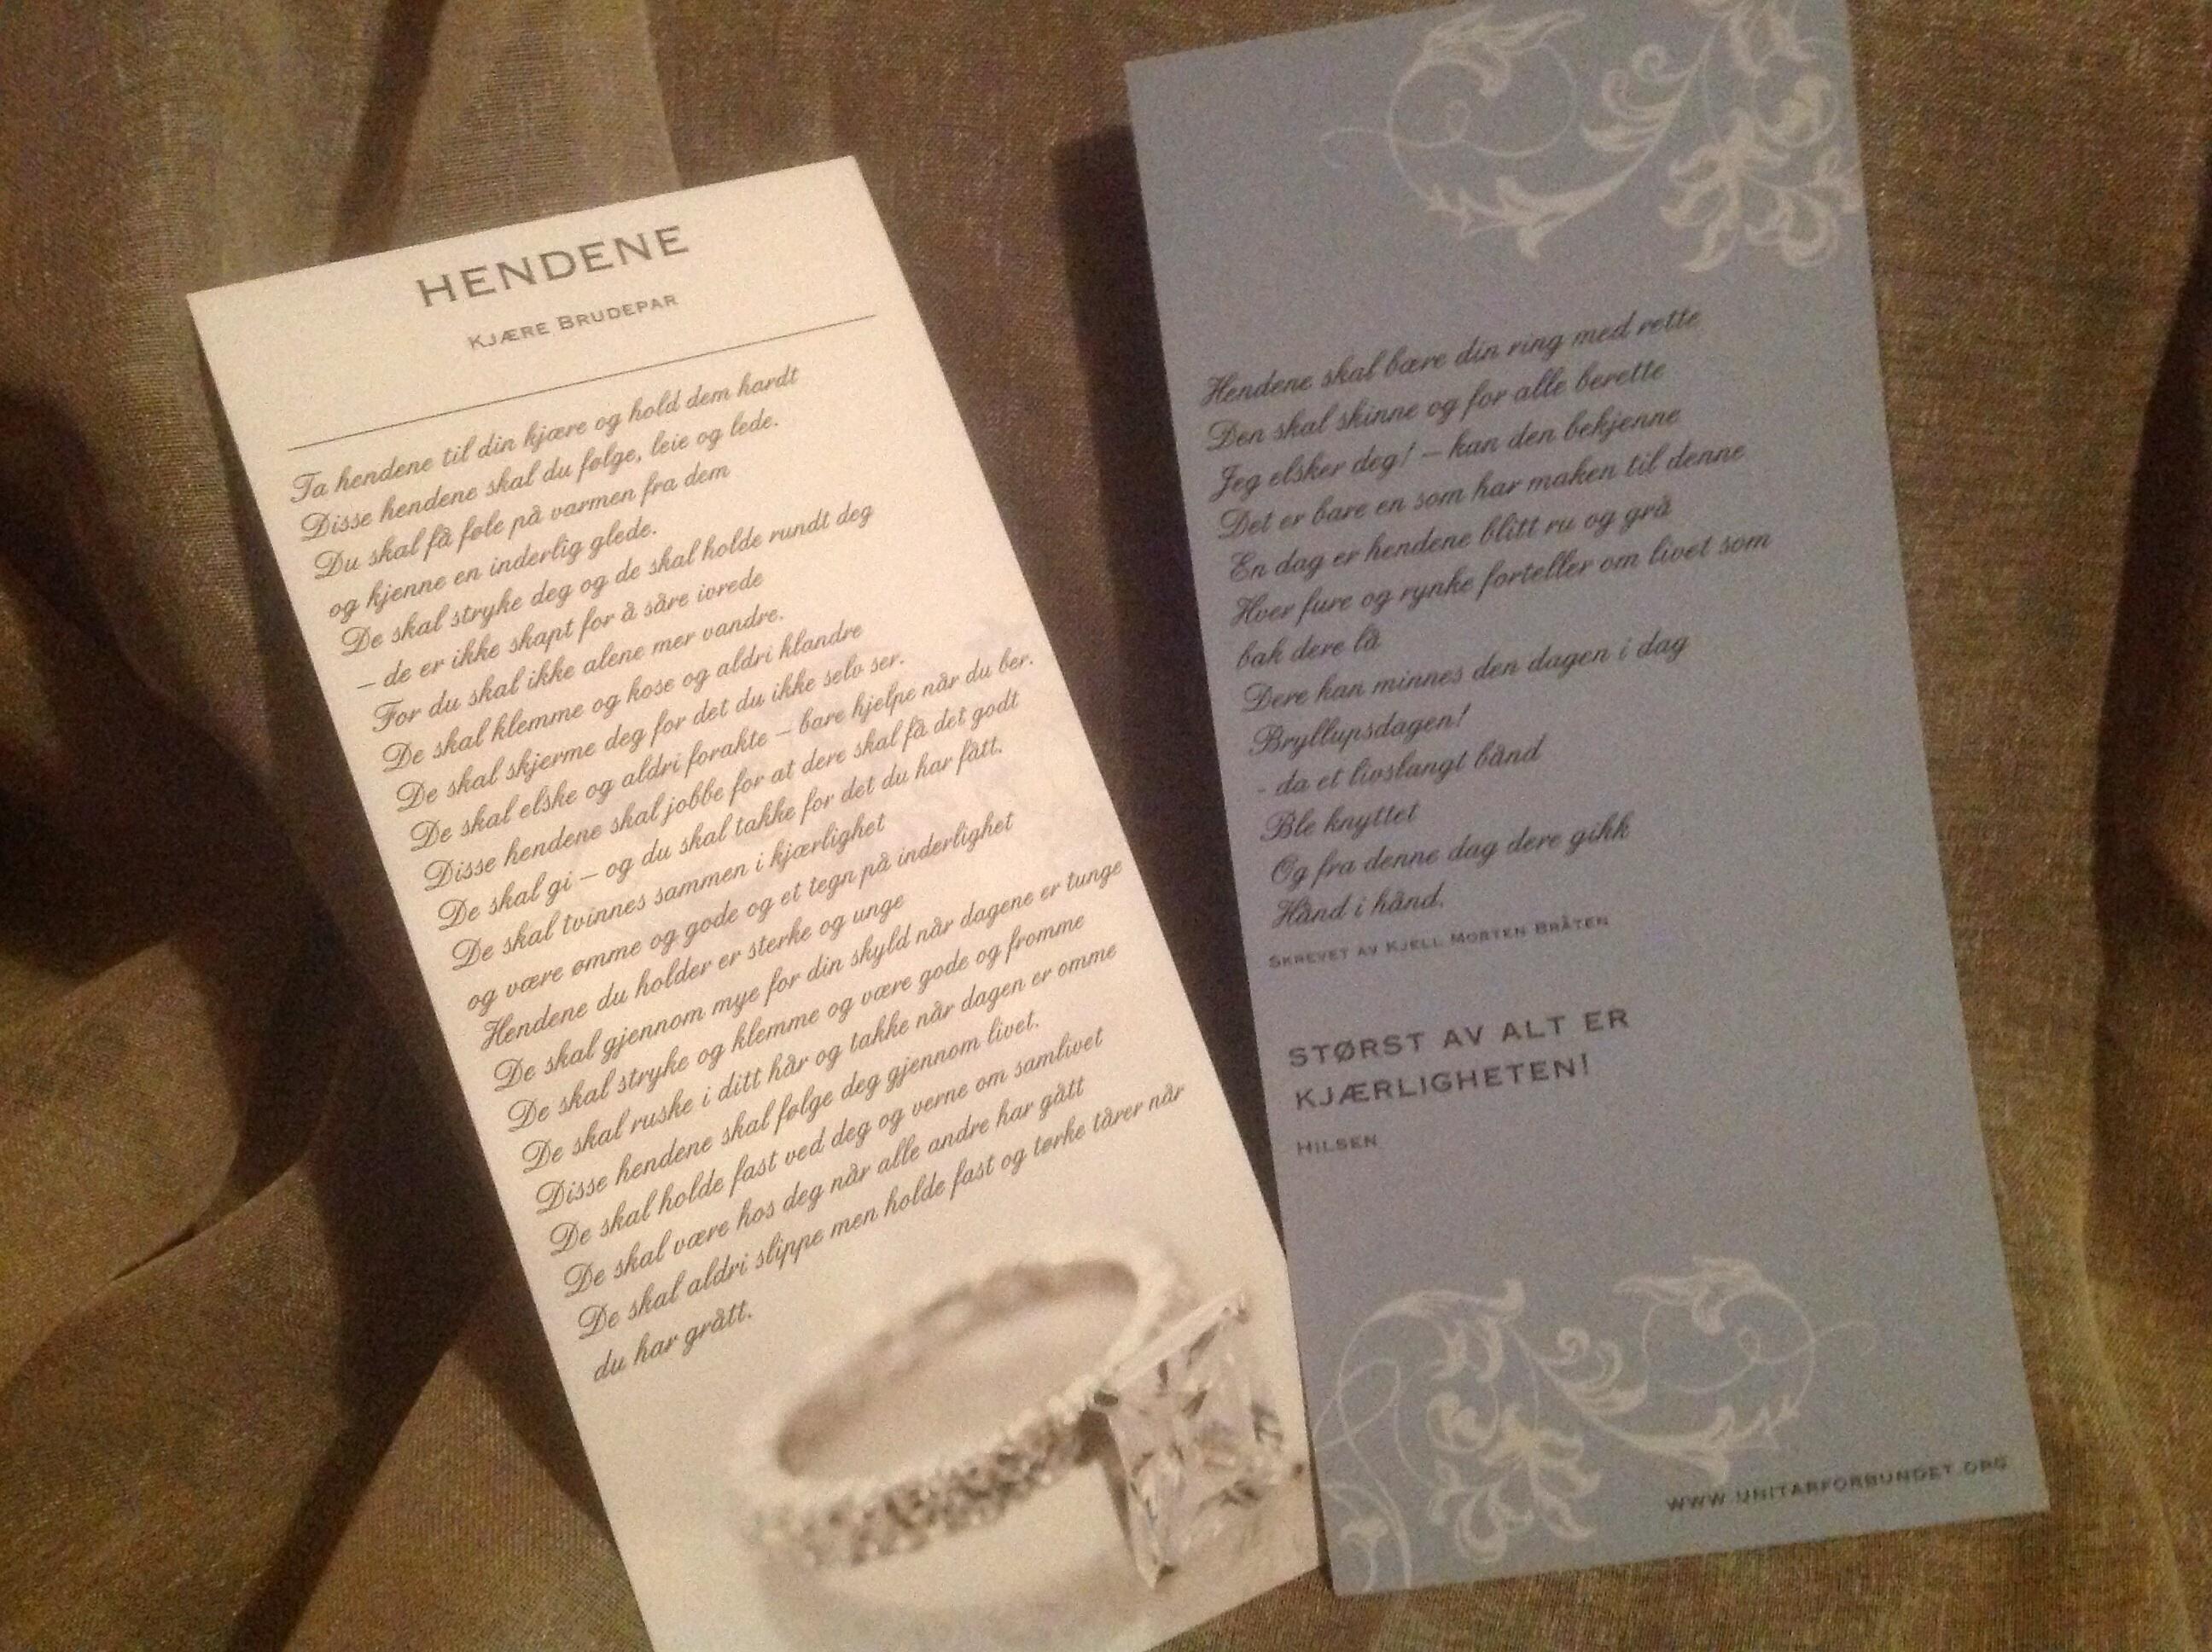 morsomme dikt til brudeparet